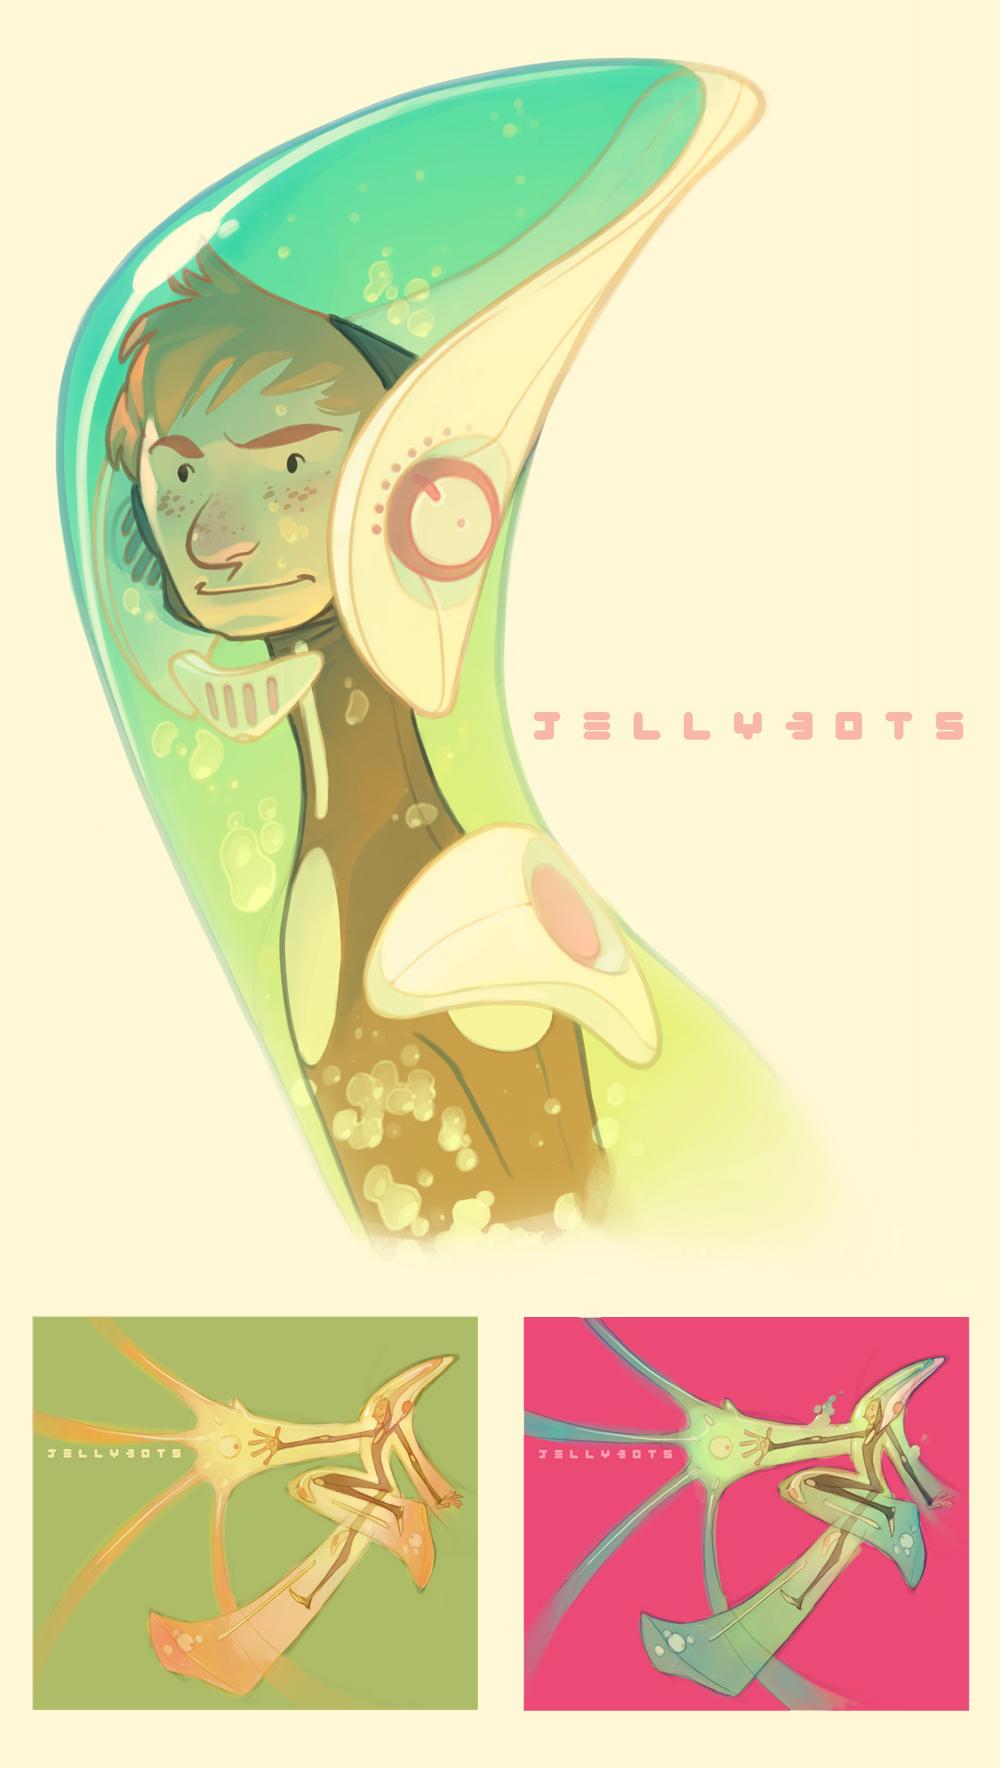 Jellybots. by nicholaskole